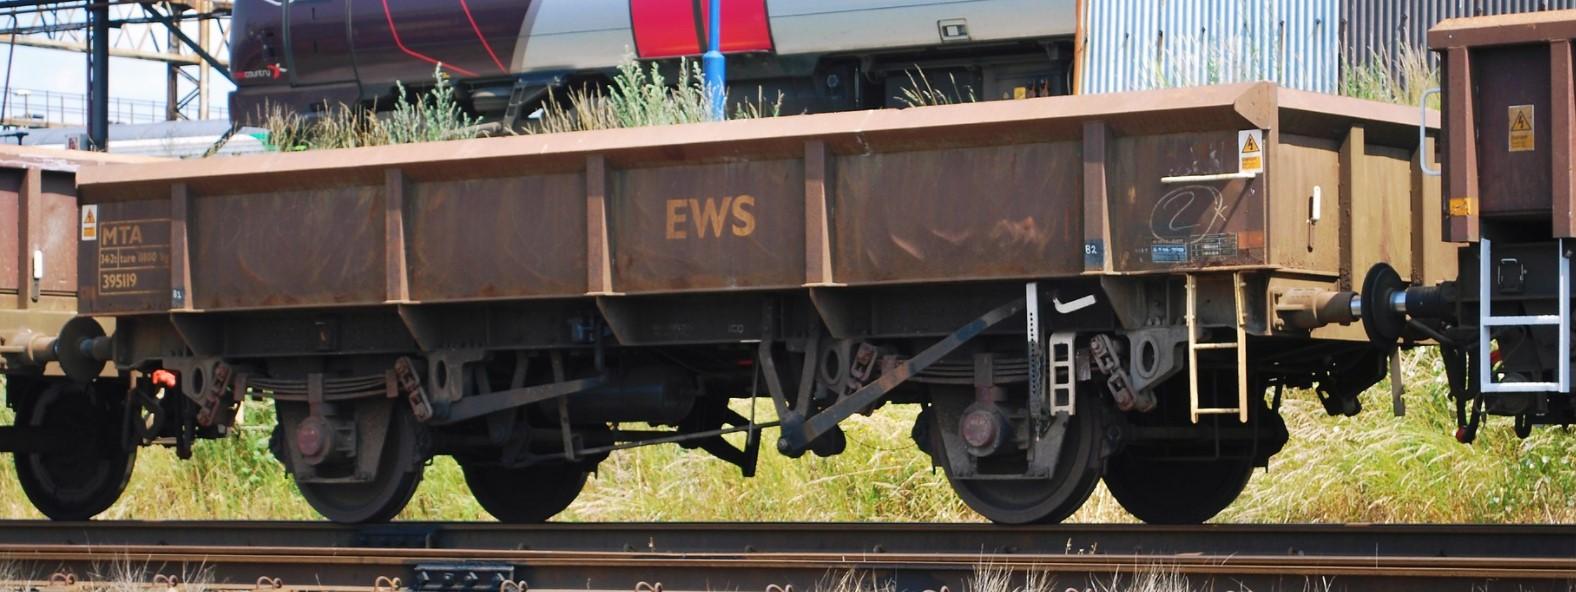 395119 at Tyseley in June 2010. ©Hugh Llewelyn